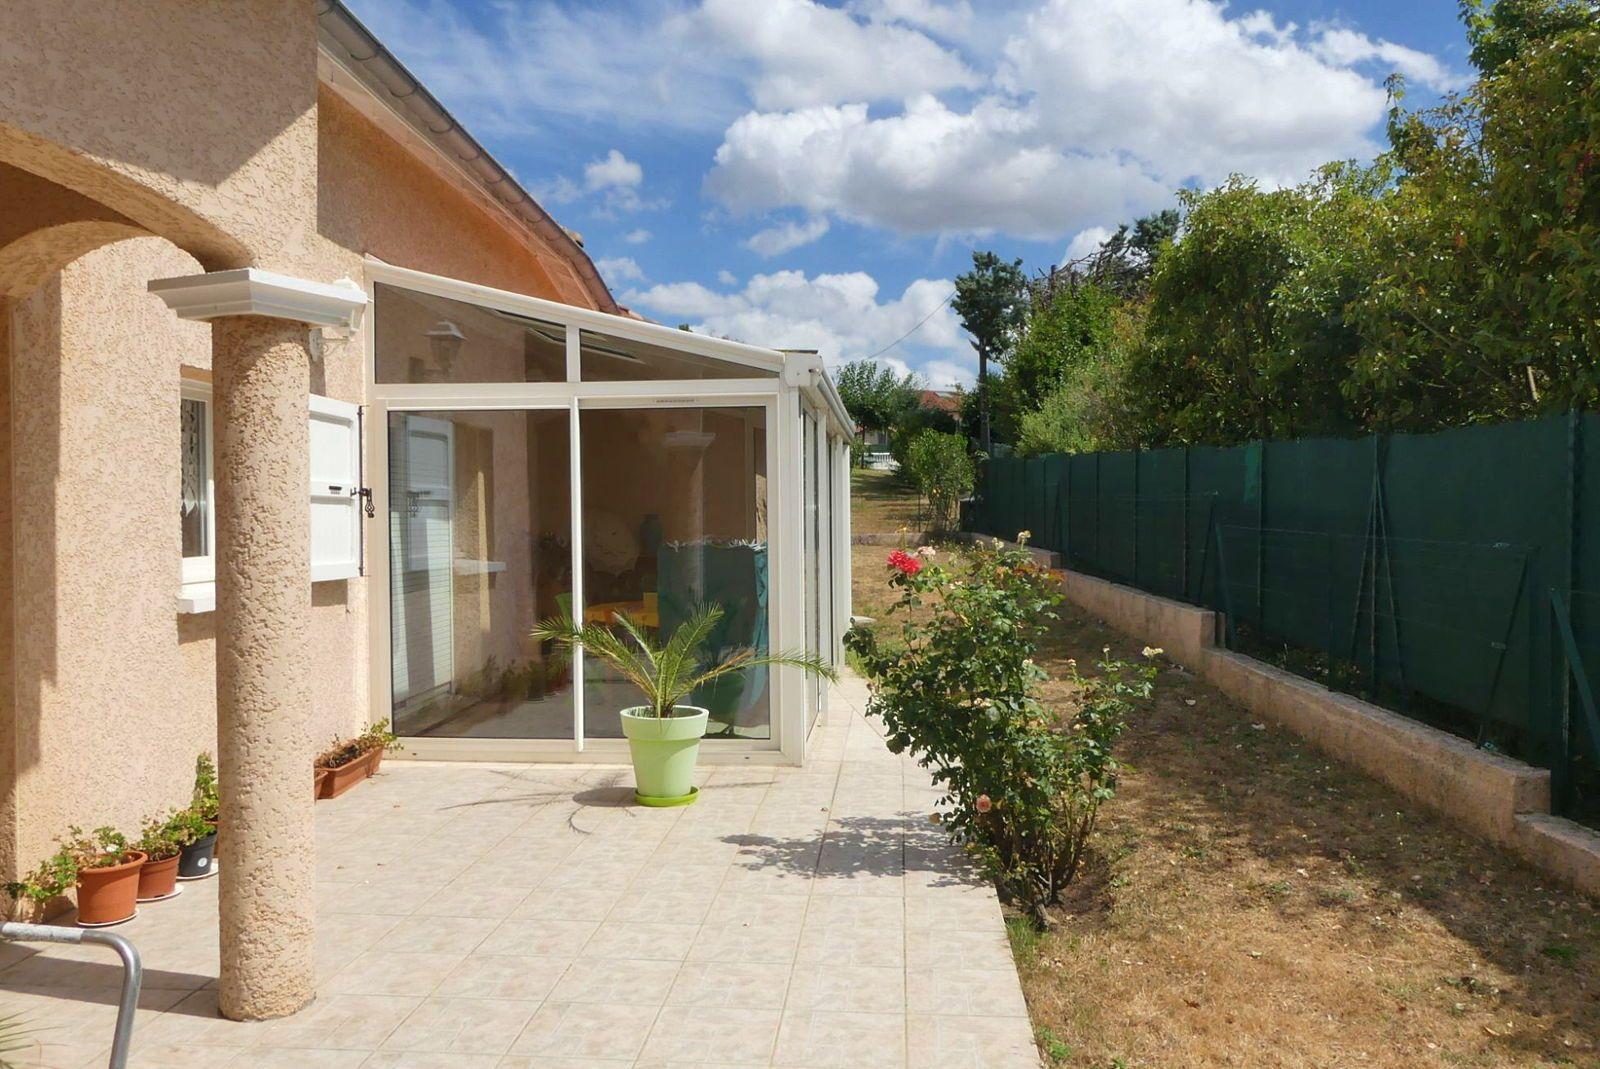 Vends maison 5chambres 150m² quartier école - Jardin (38)